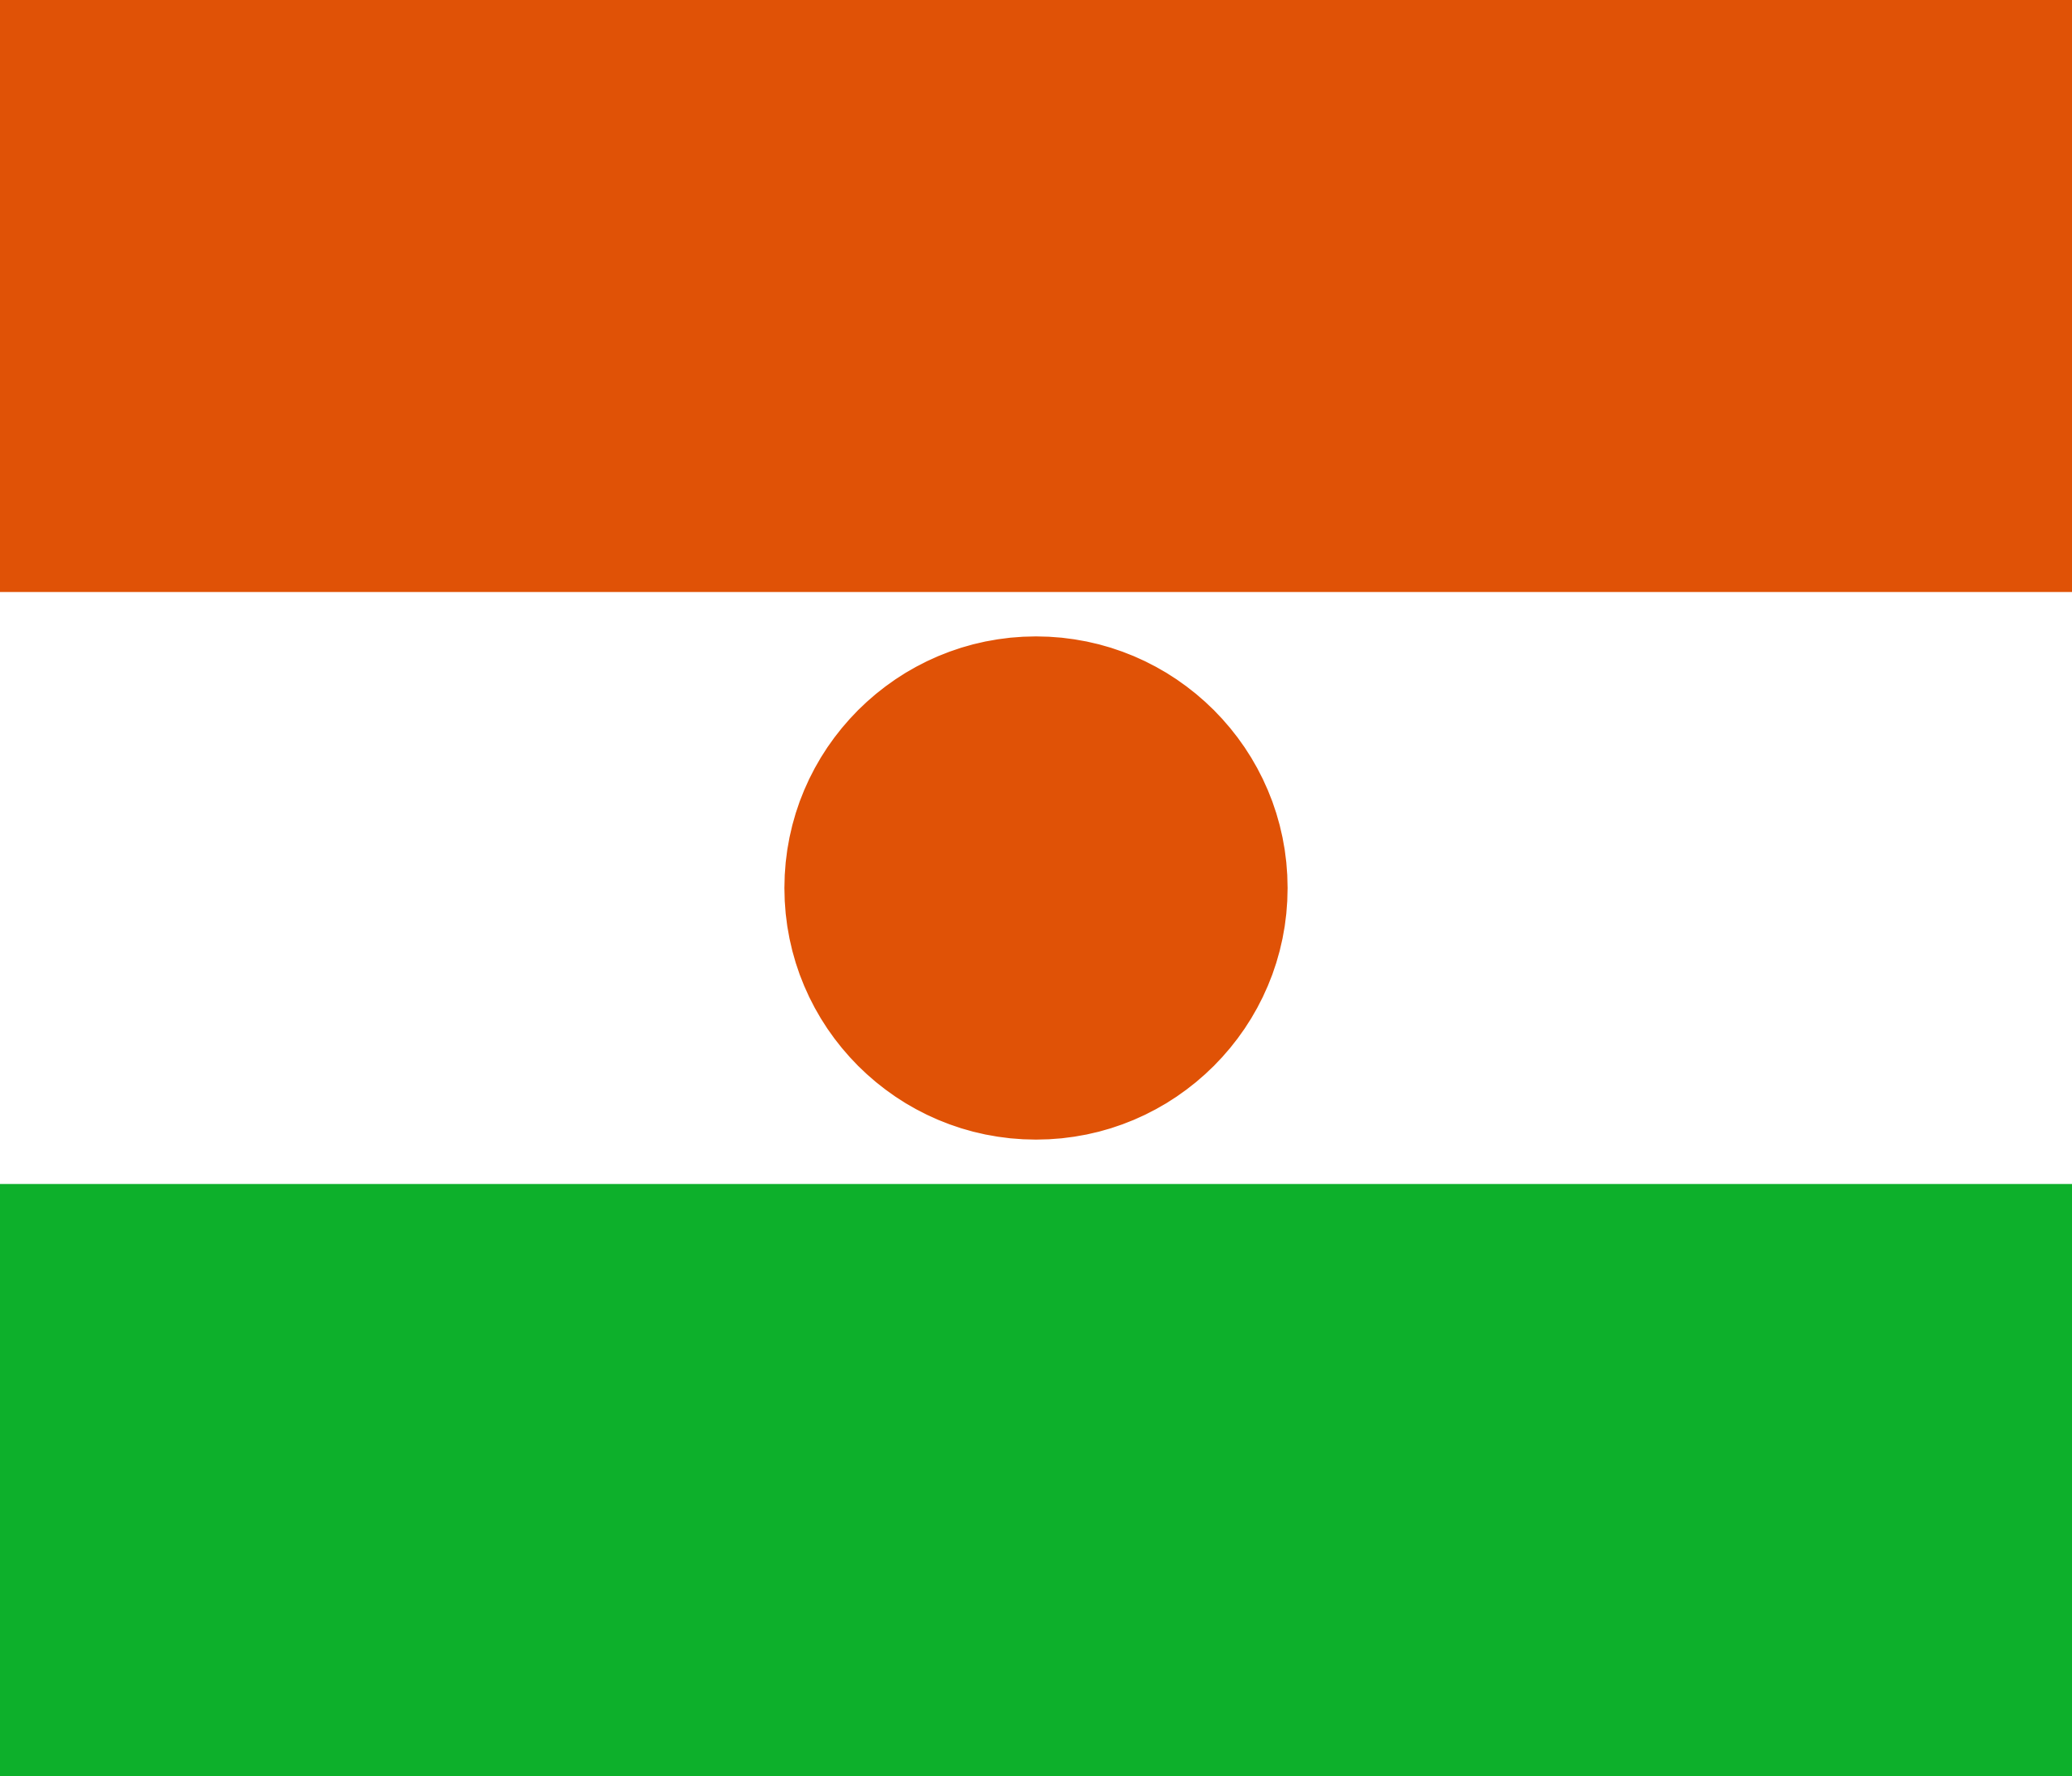 níger, país, emblema, insignia, símbolo - Fondos de Pantalla HD - professor-falken.com